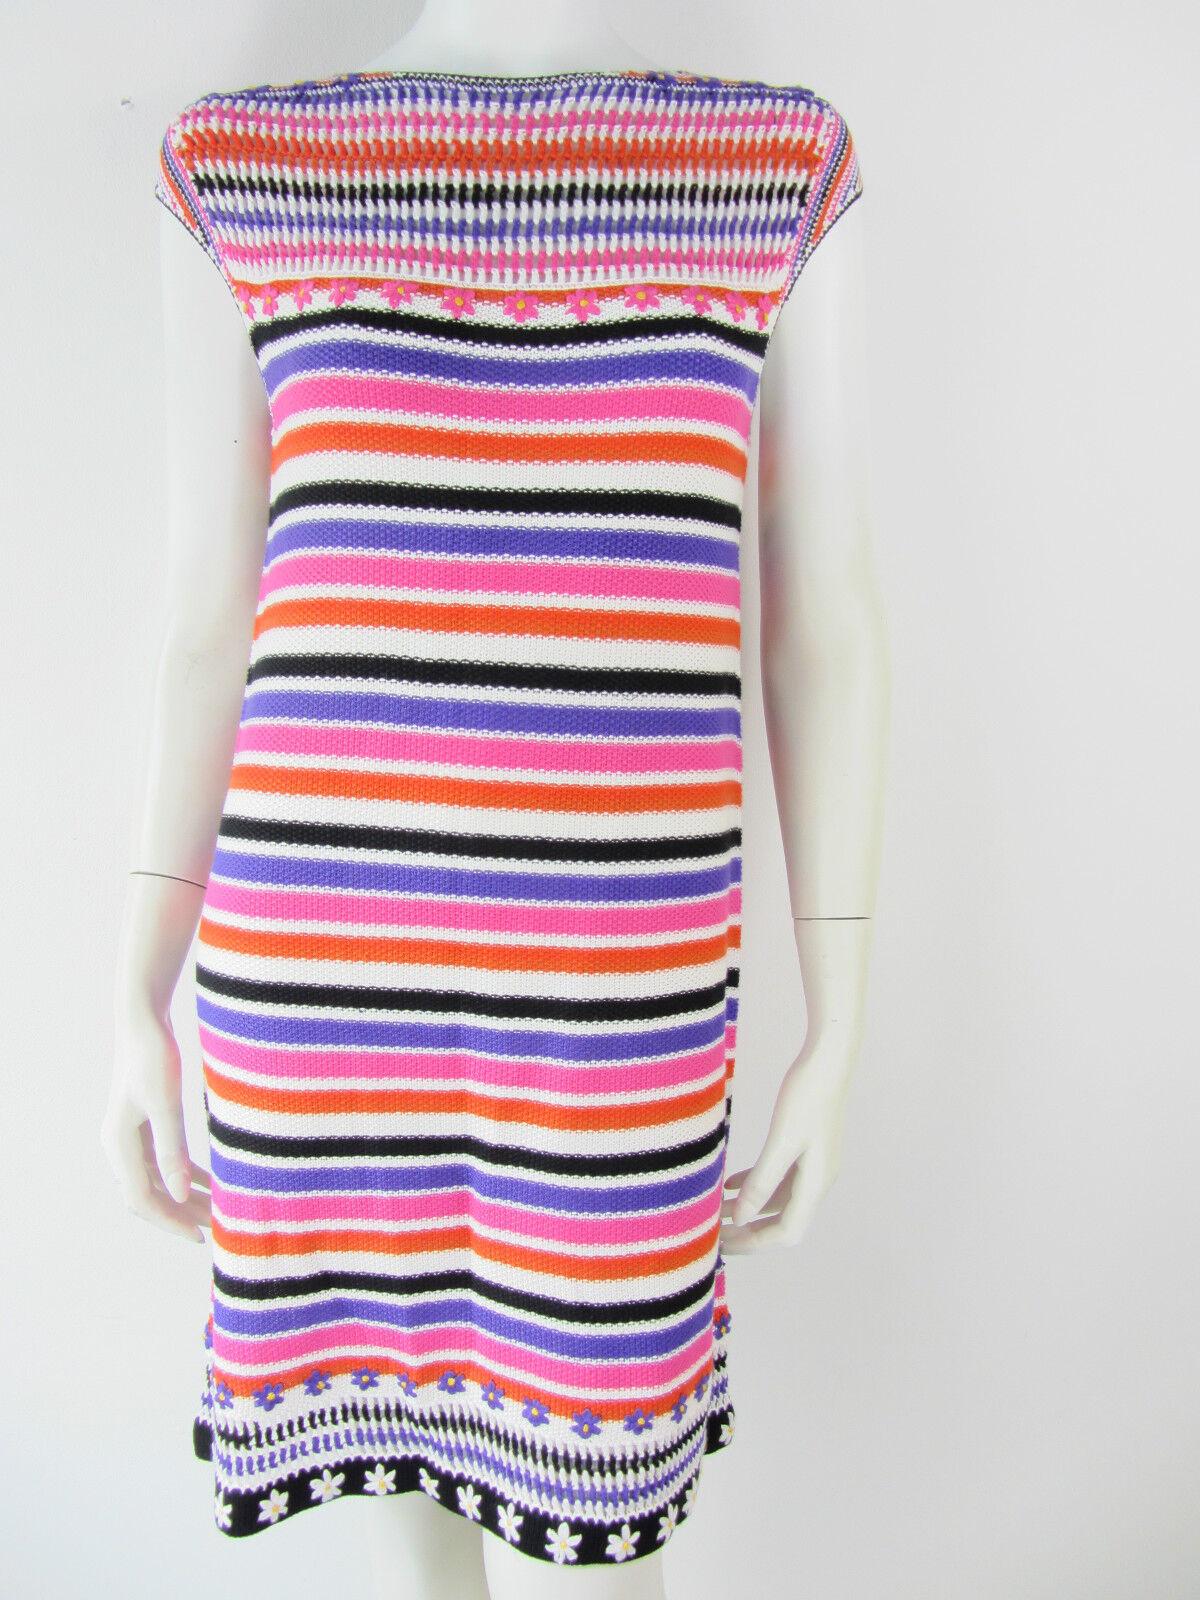 Just Cavalli Jurk Kleid Kleid Kleid Dress Lang Pulli Maglia Abito 34 38 30 XS M L UVP 50217a